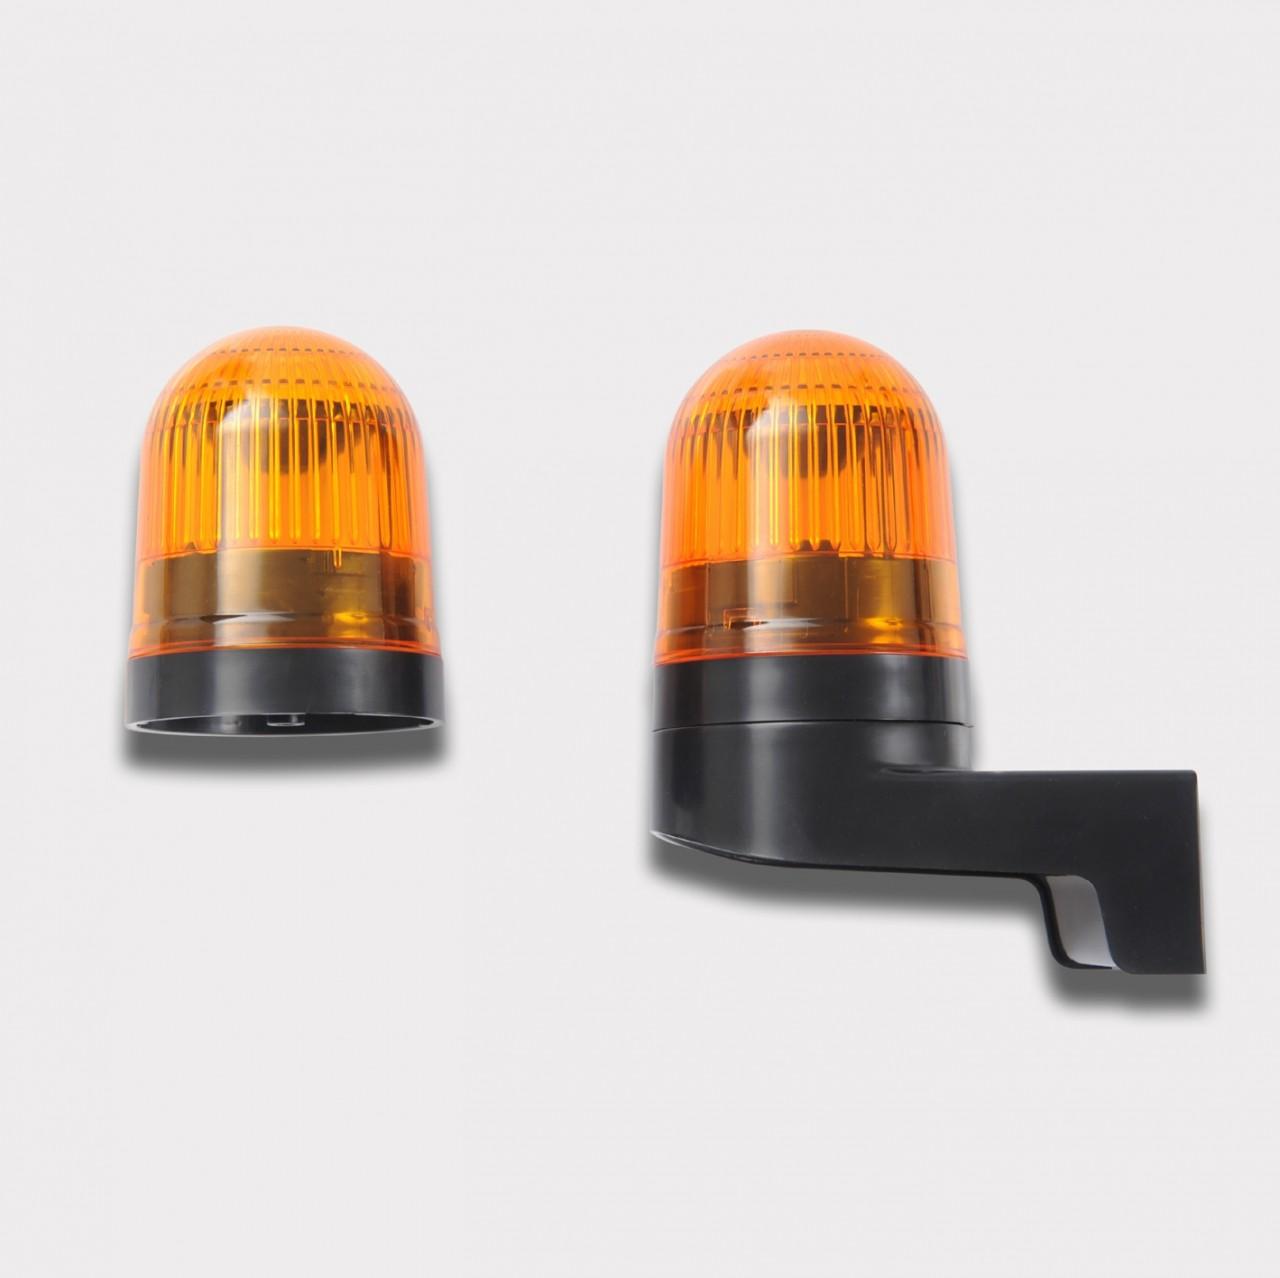 Control 950 LED-Signalleuchte